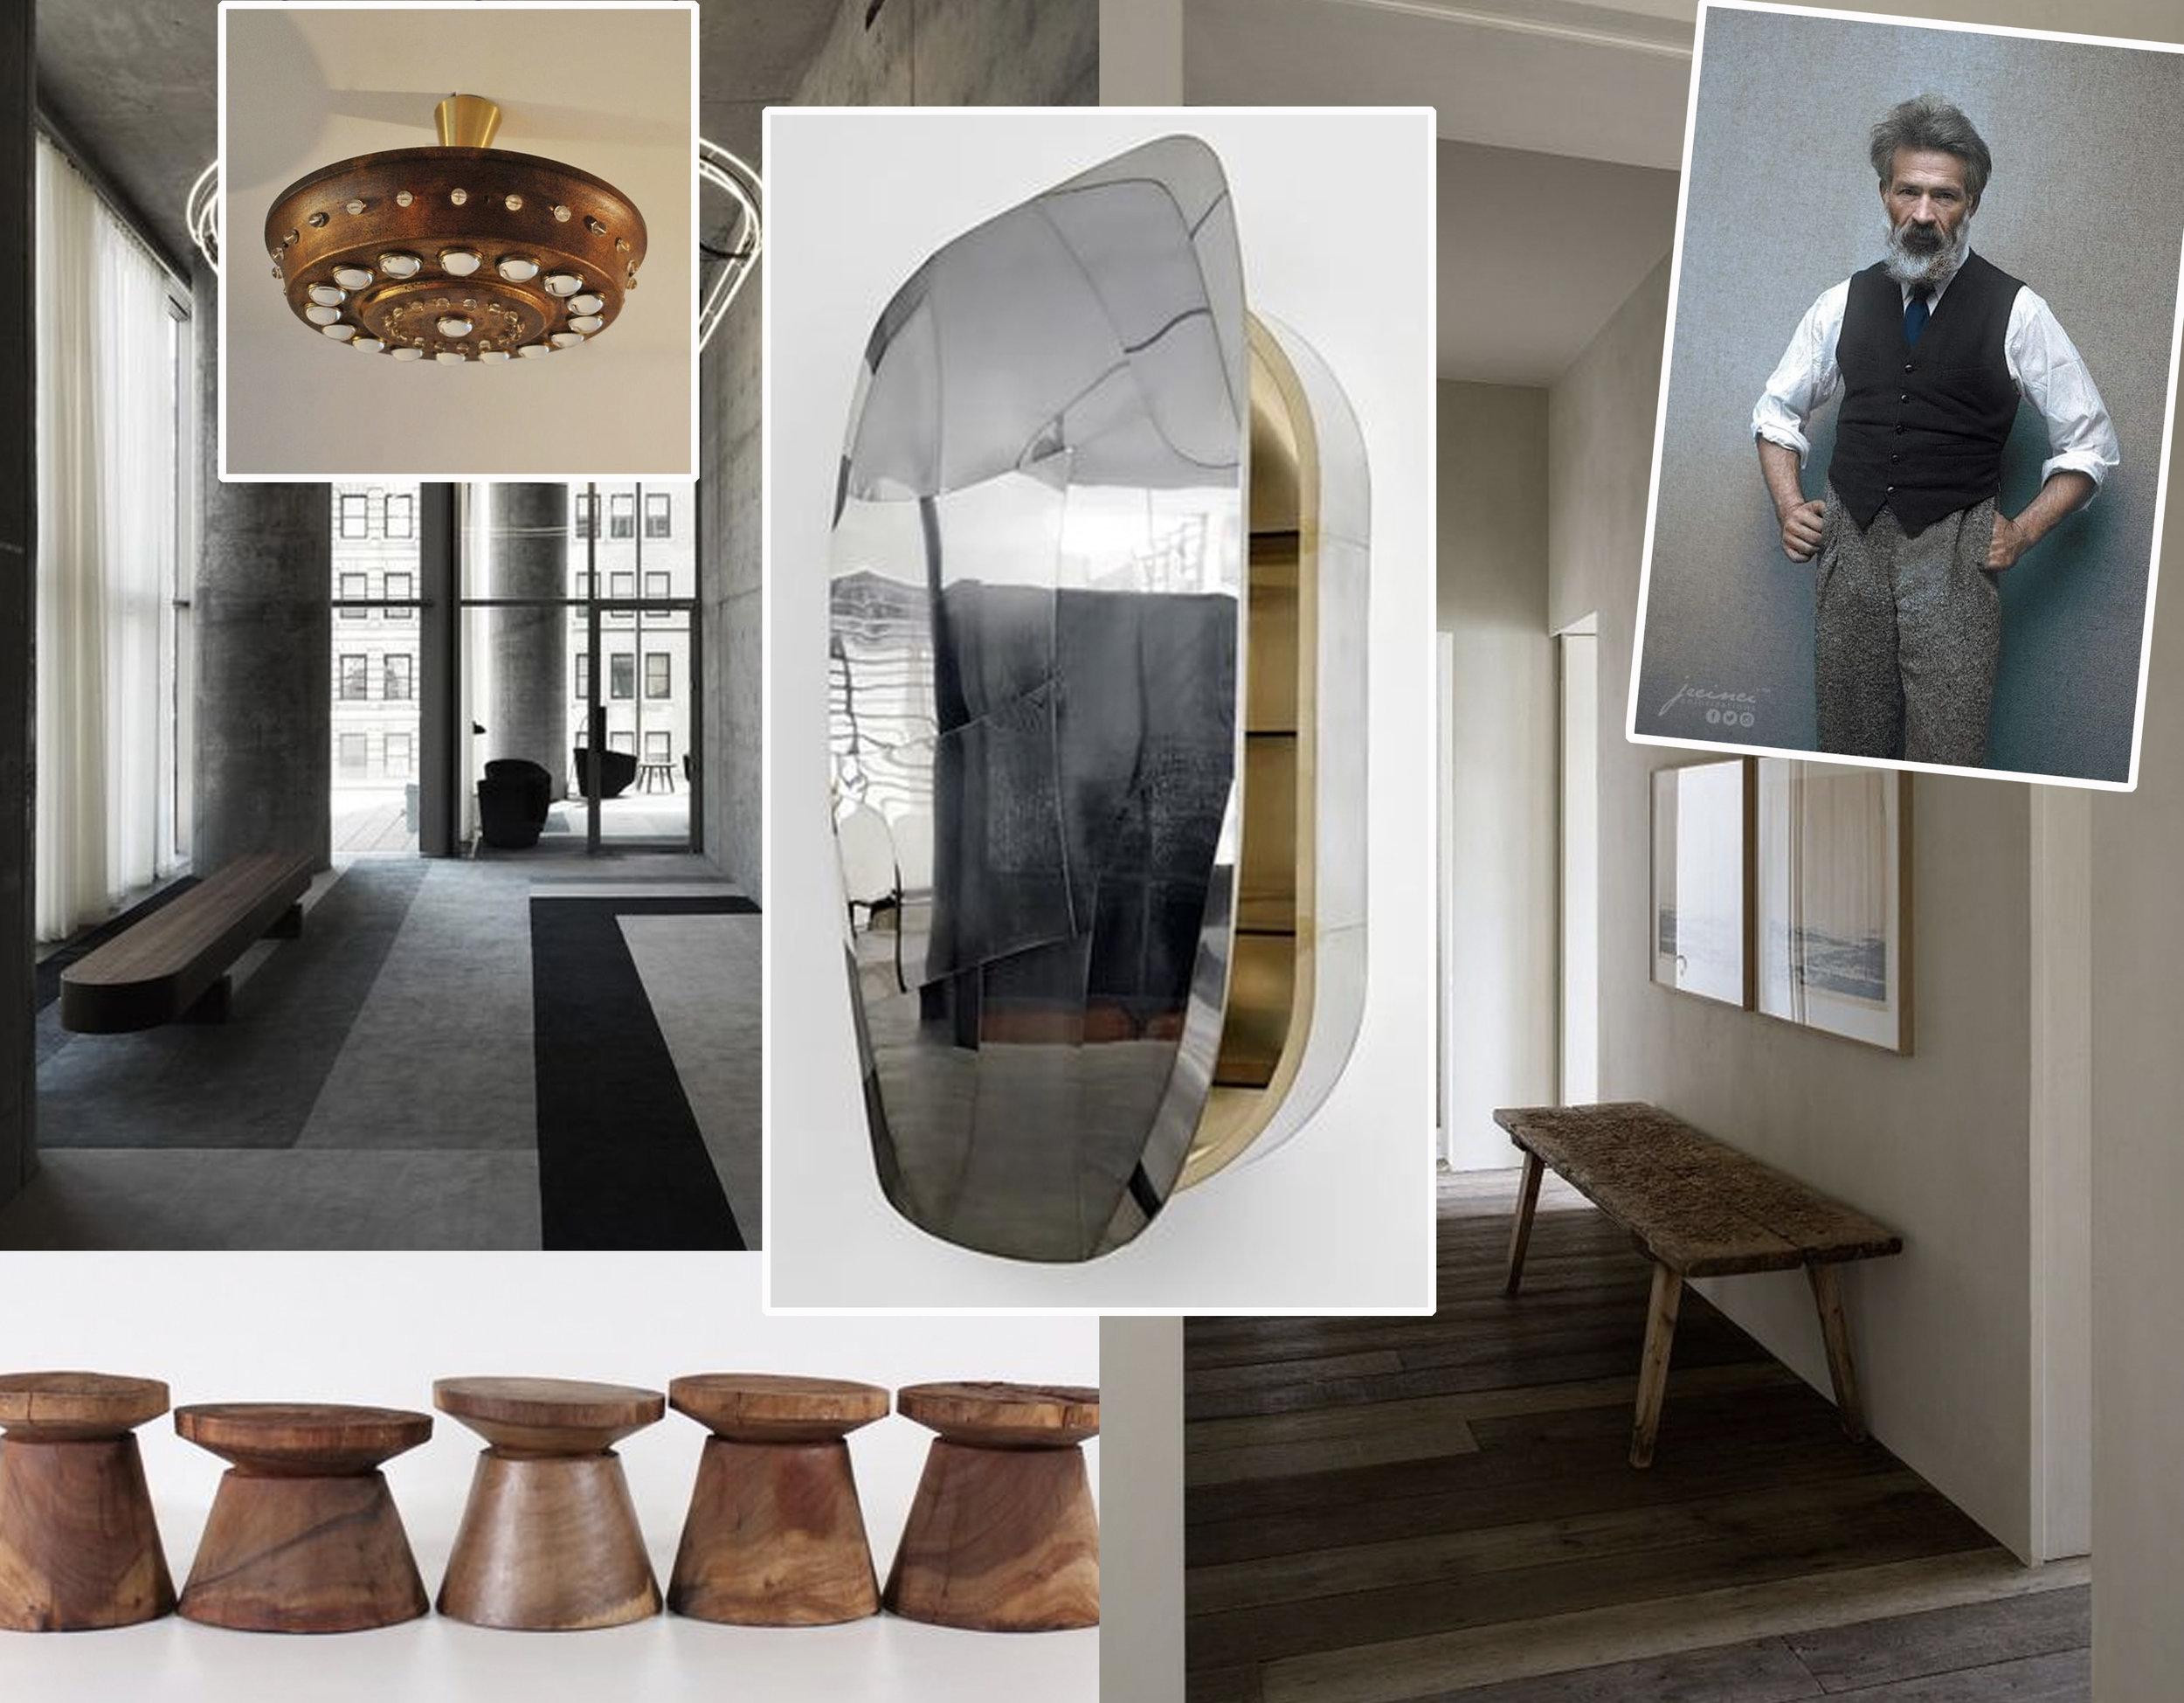 ceiling lamp  Vintage  - entance loby  Molteni  - Brutalist rosewood stools  Vintage  - DC 1611 cabinet of  Vincenzo De Cotiis  = entrnac hall via  Frederik Vercruysse  -  Brancusi